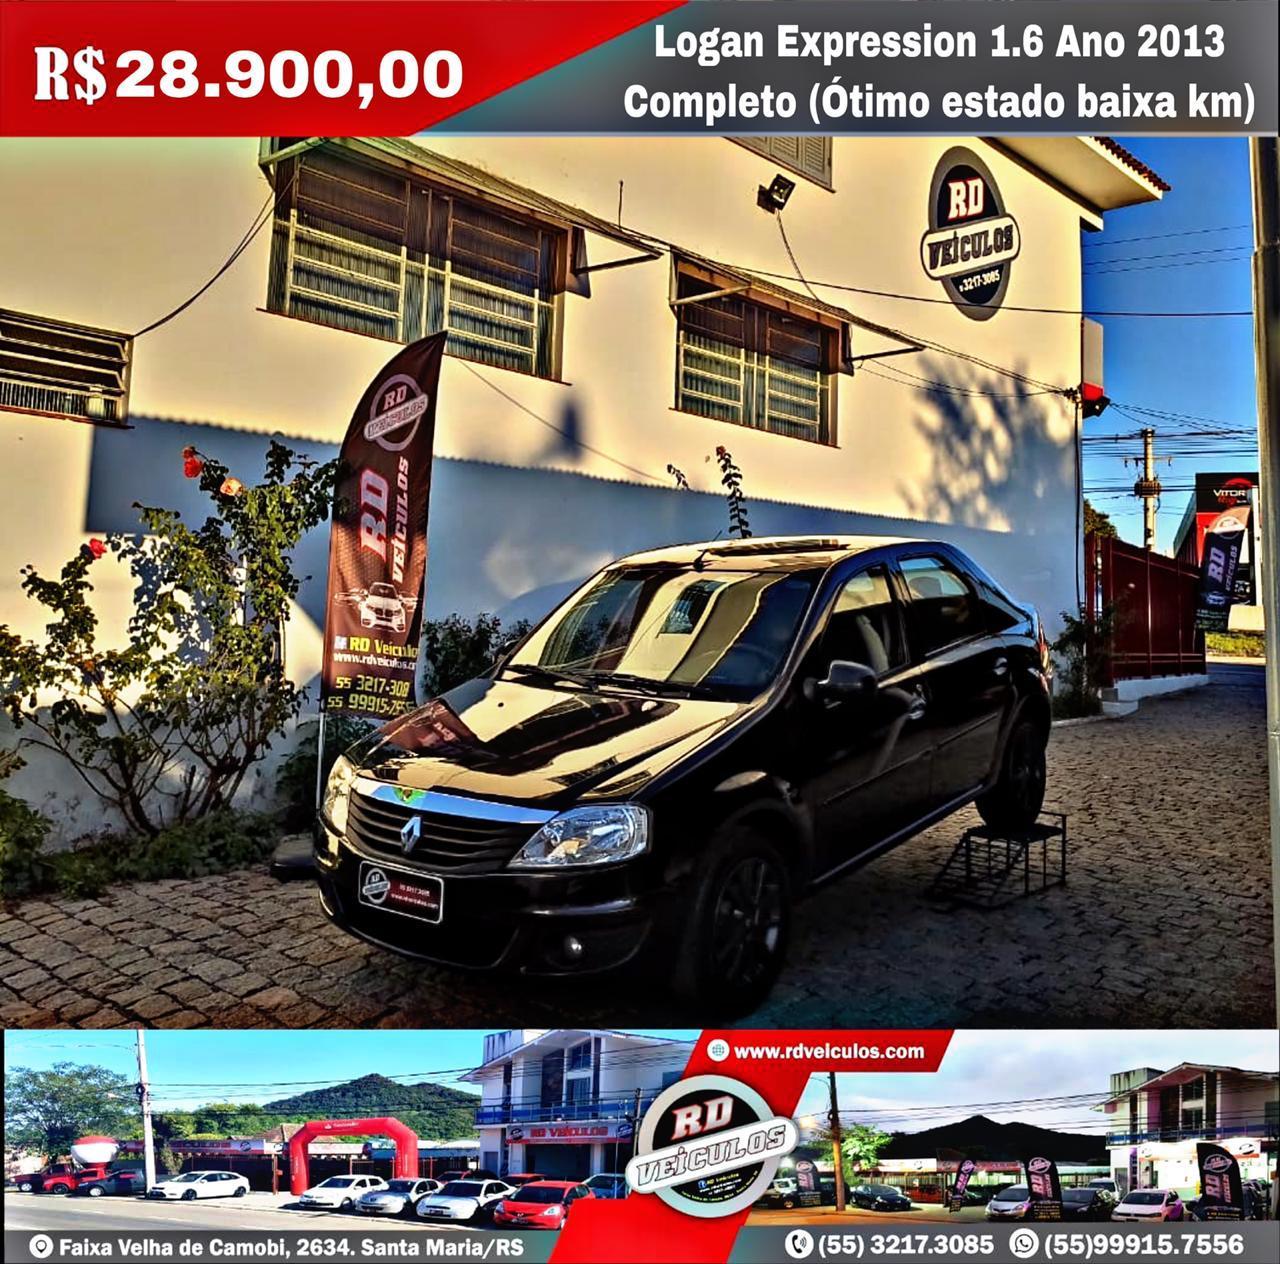 Renault - RENAULT LOGAN -  EXPRESSION 1.6 ANO 2013 COMPLETO COM BAIXO KM  - 2013